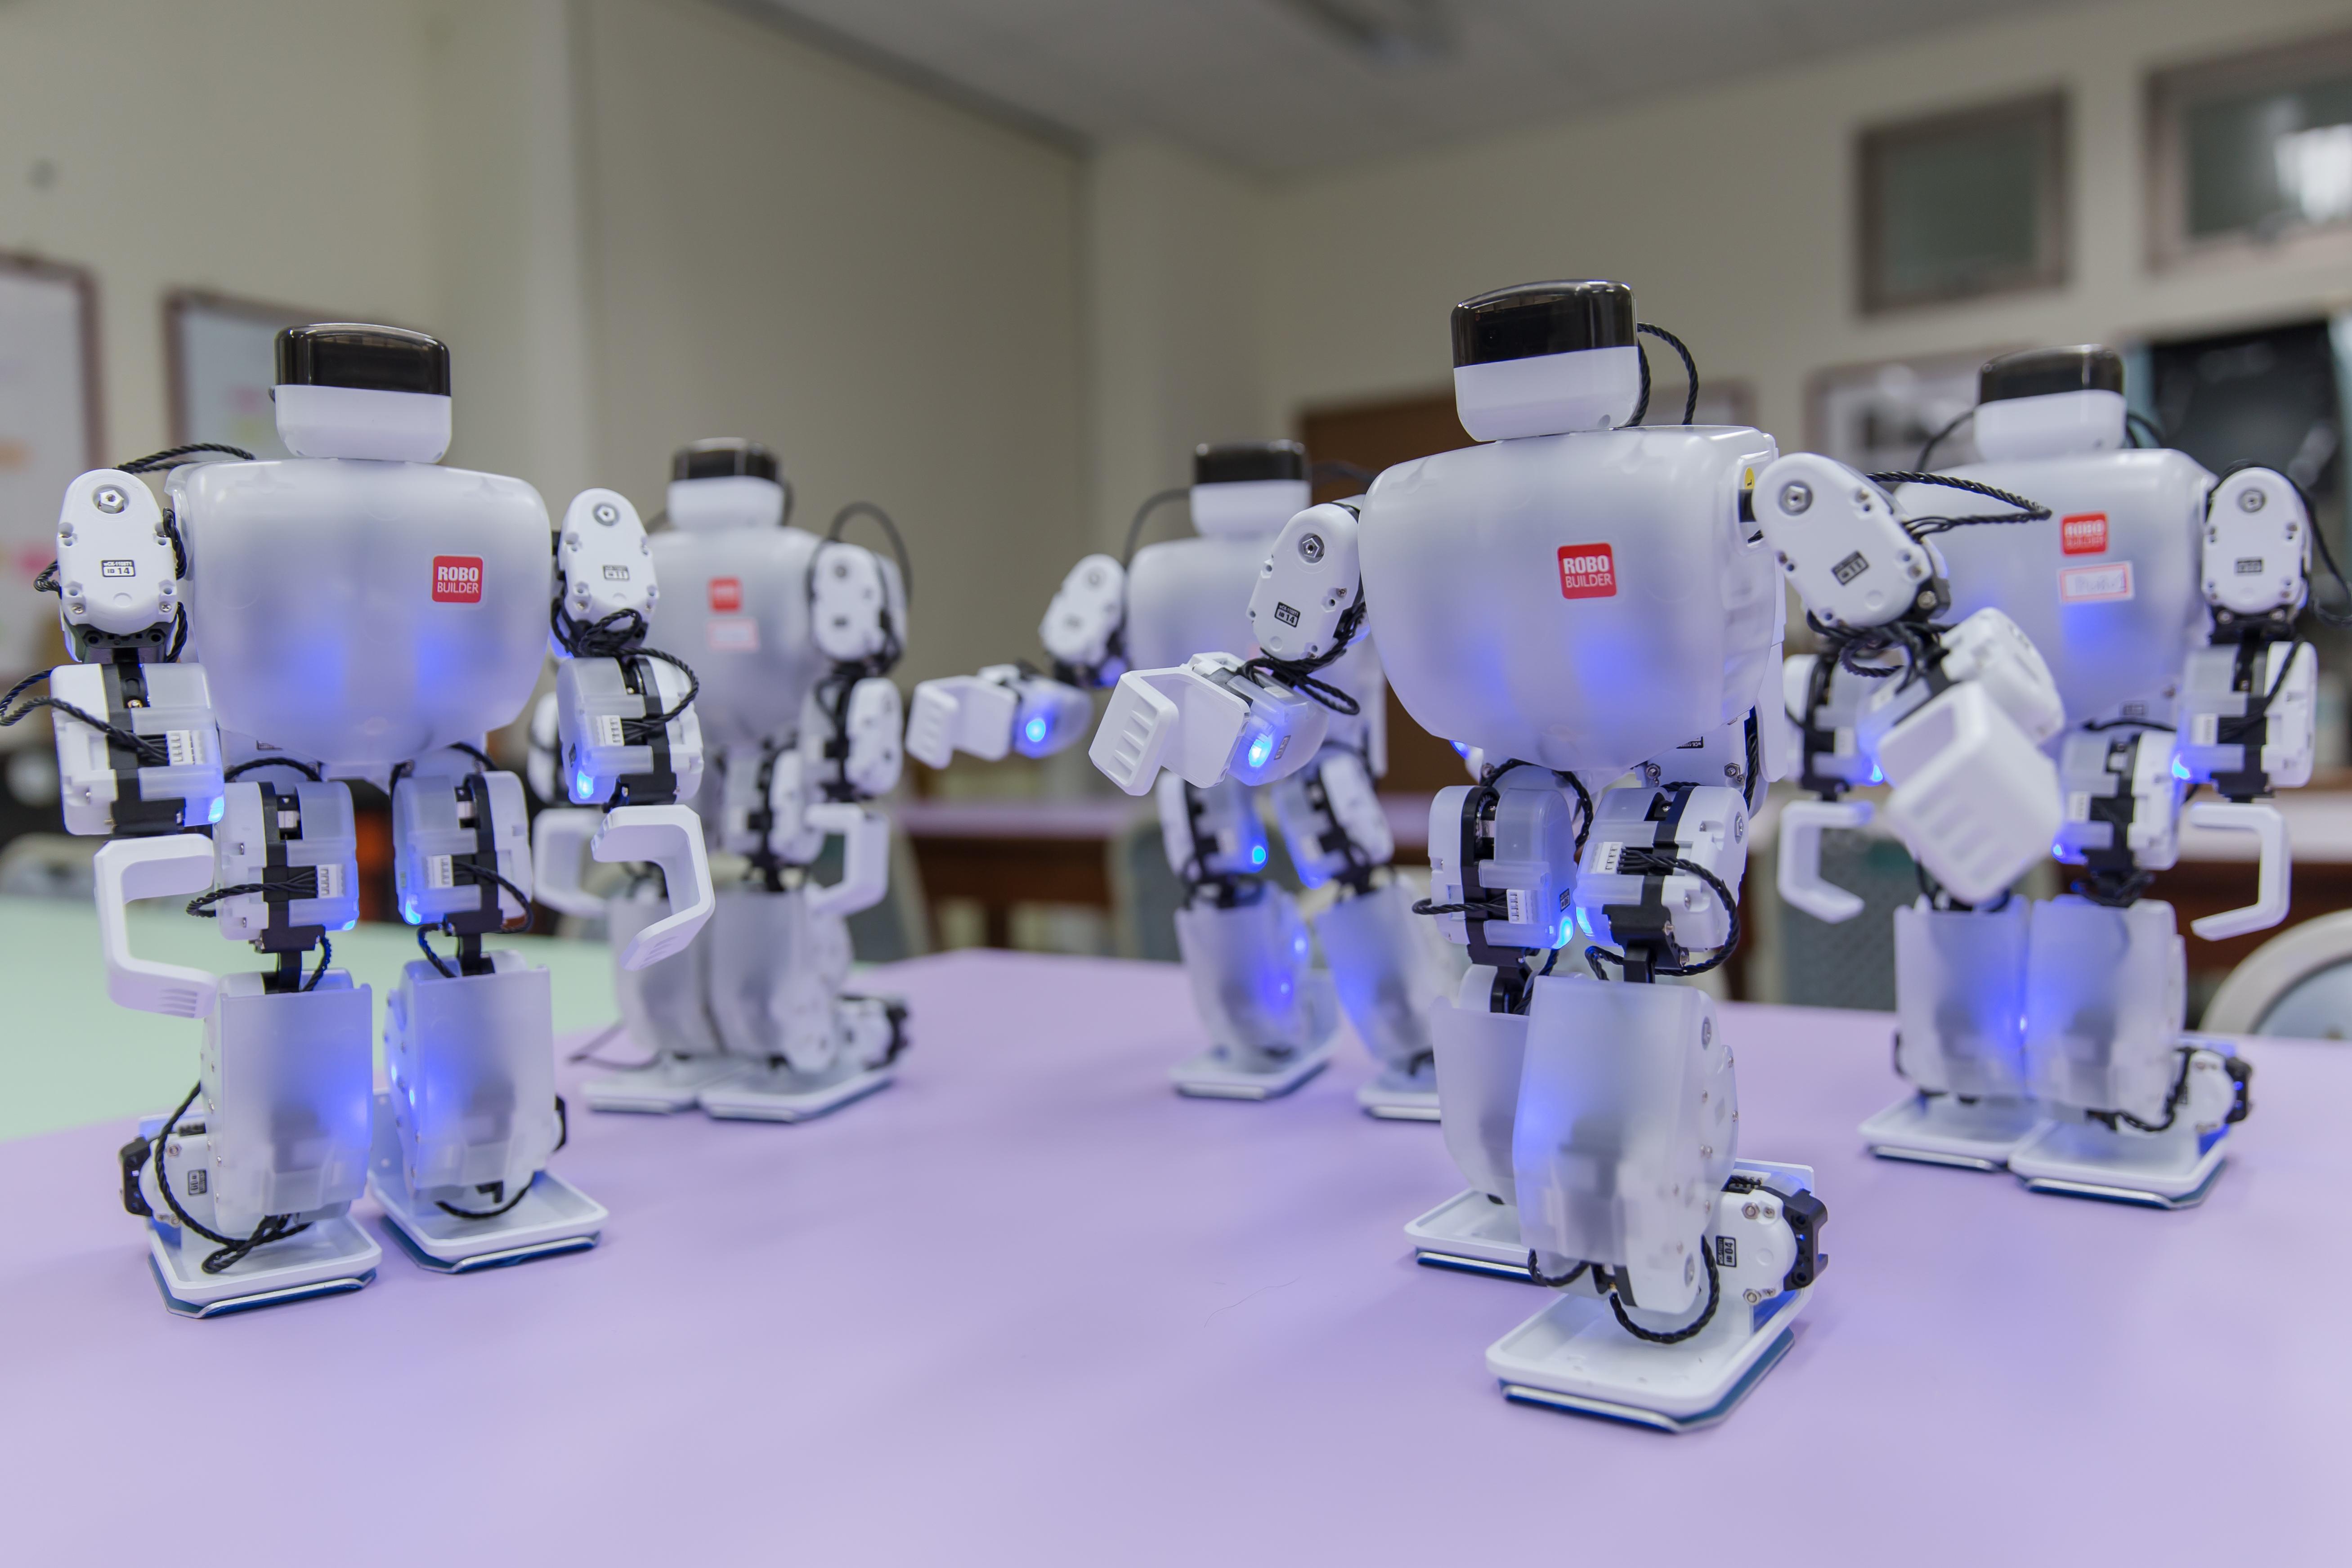 深耕AI教育 聖約翰科大機器人、智慧製造機械手臂正夯!-校園大小事